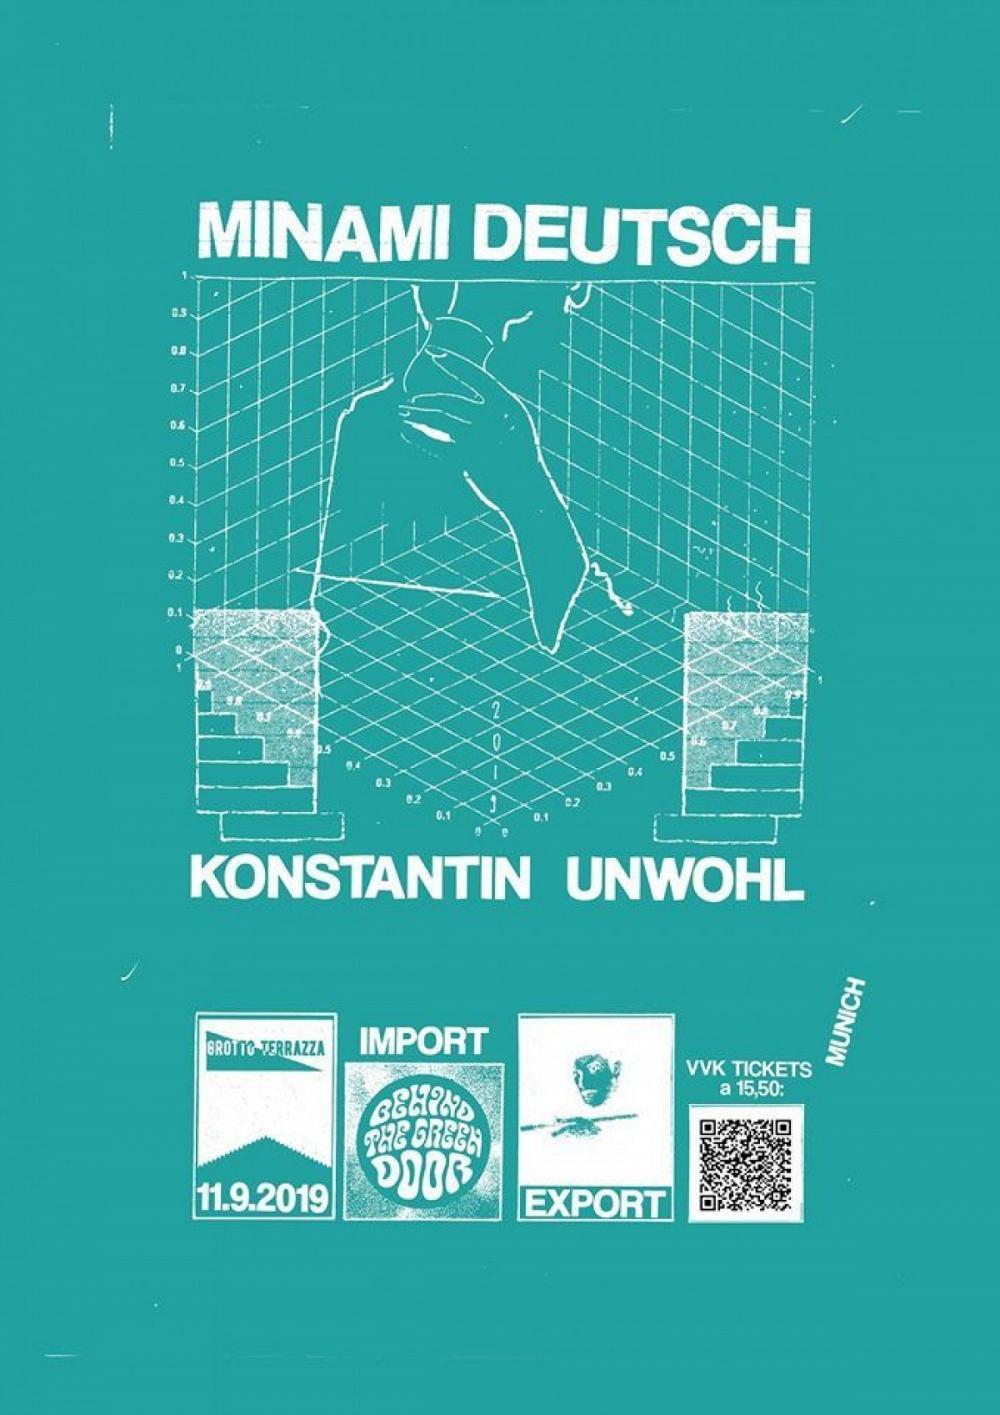 Tapefruit Konzert: Minami Deutsch + Konstantin Unwohl | 11.09.2019 @ Import Export